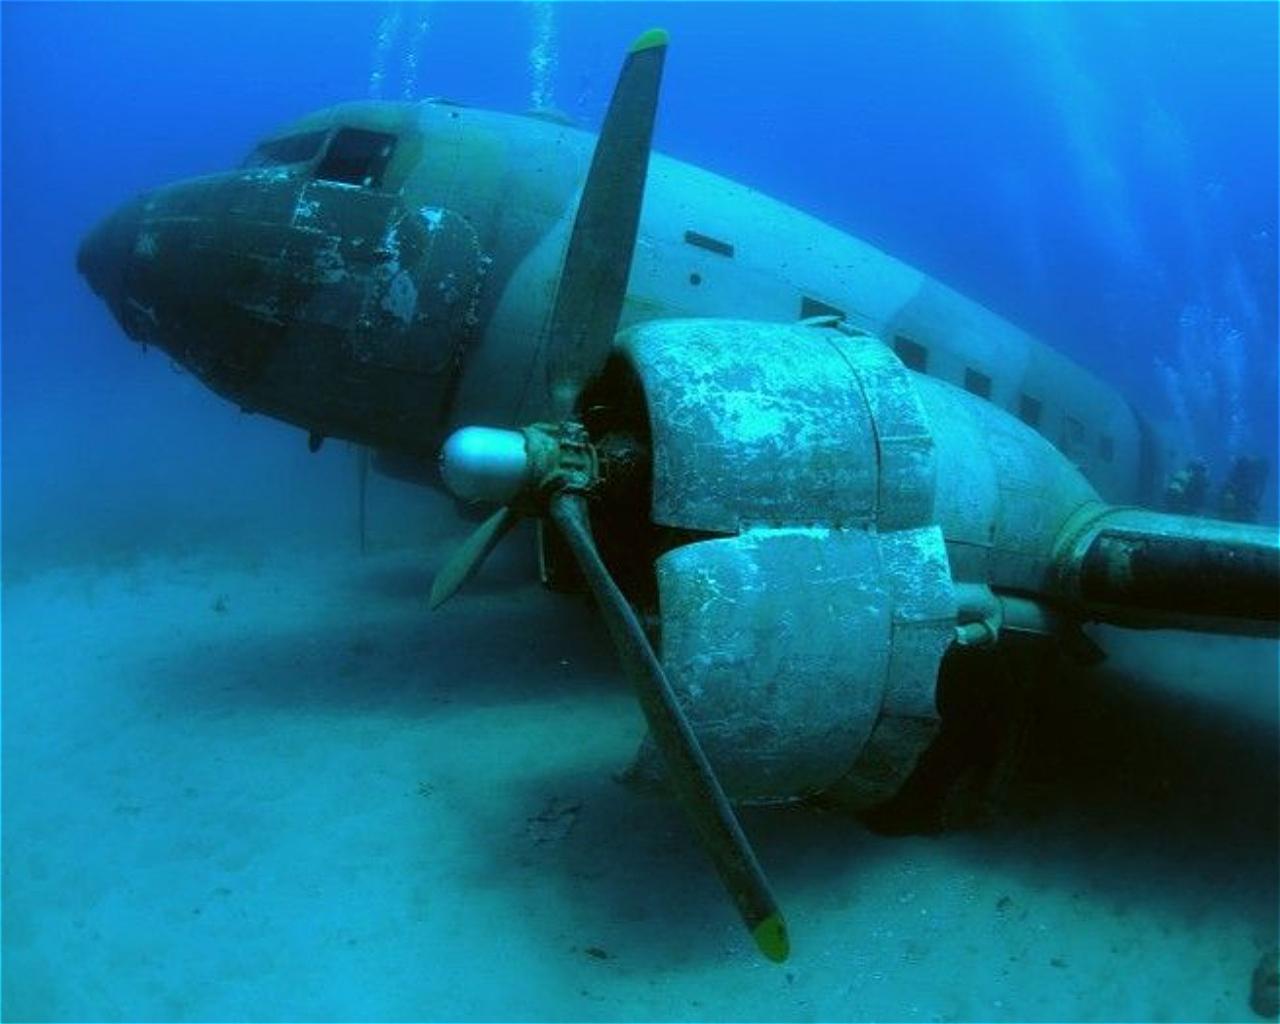 C-47 Dakota (Wreck)